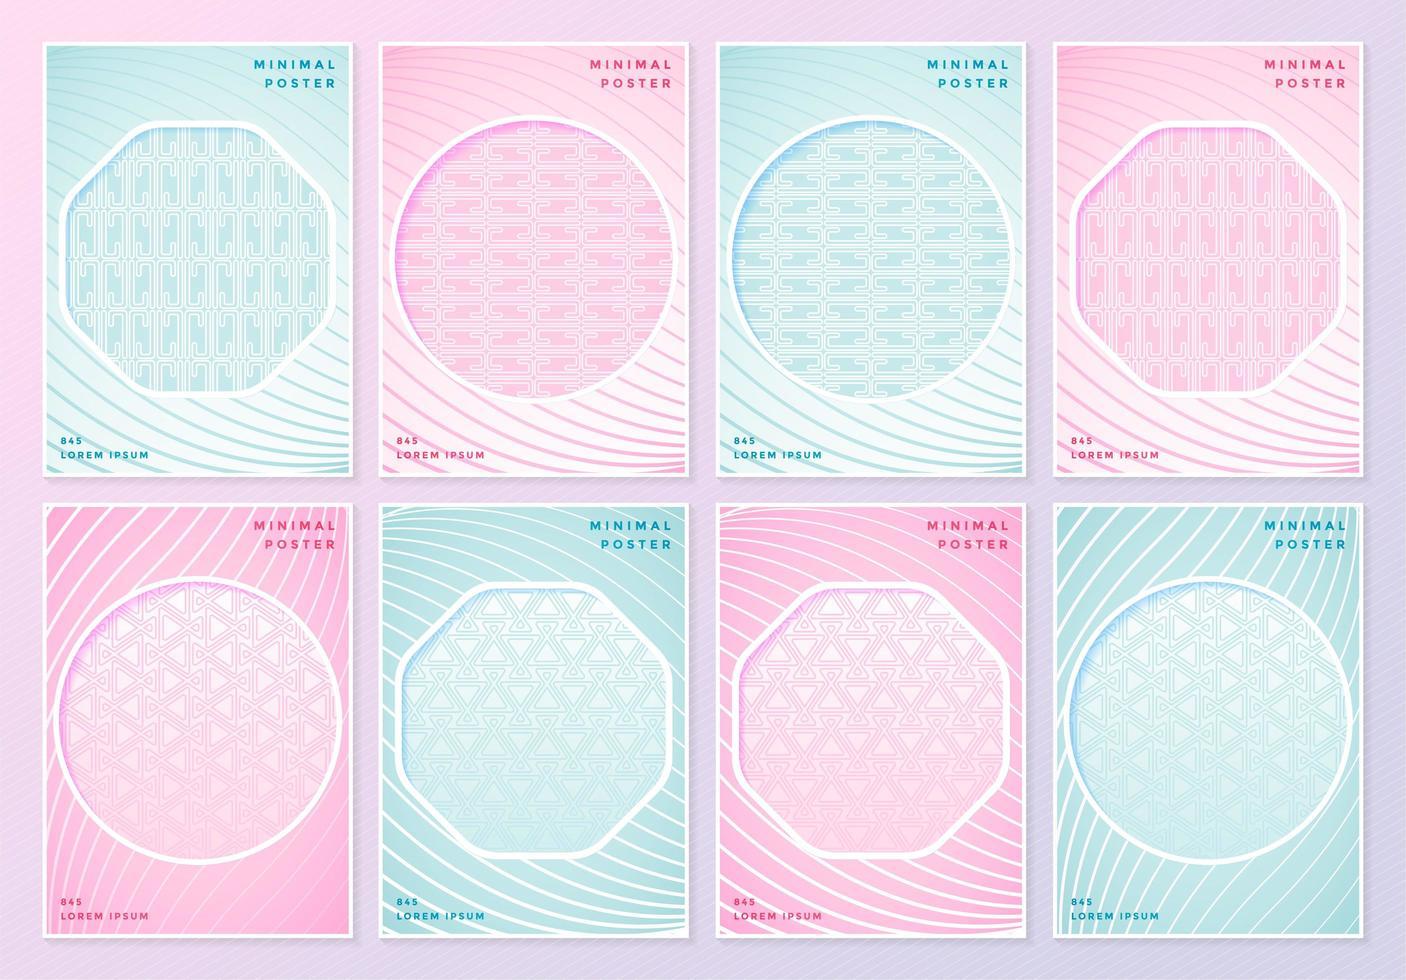 affiches à motifs roses et bleus avec découpes géométriques vecteur